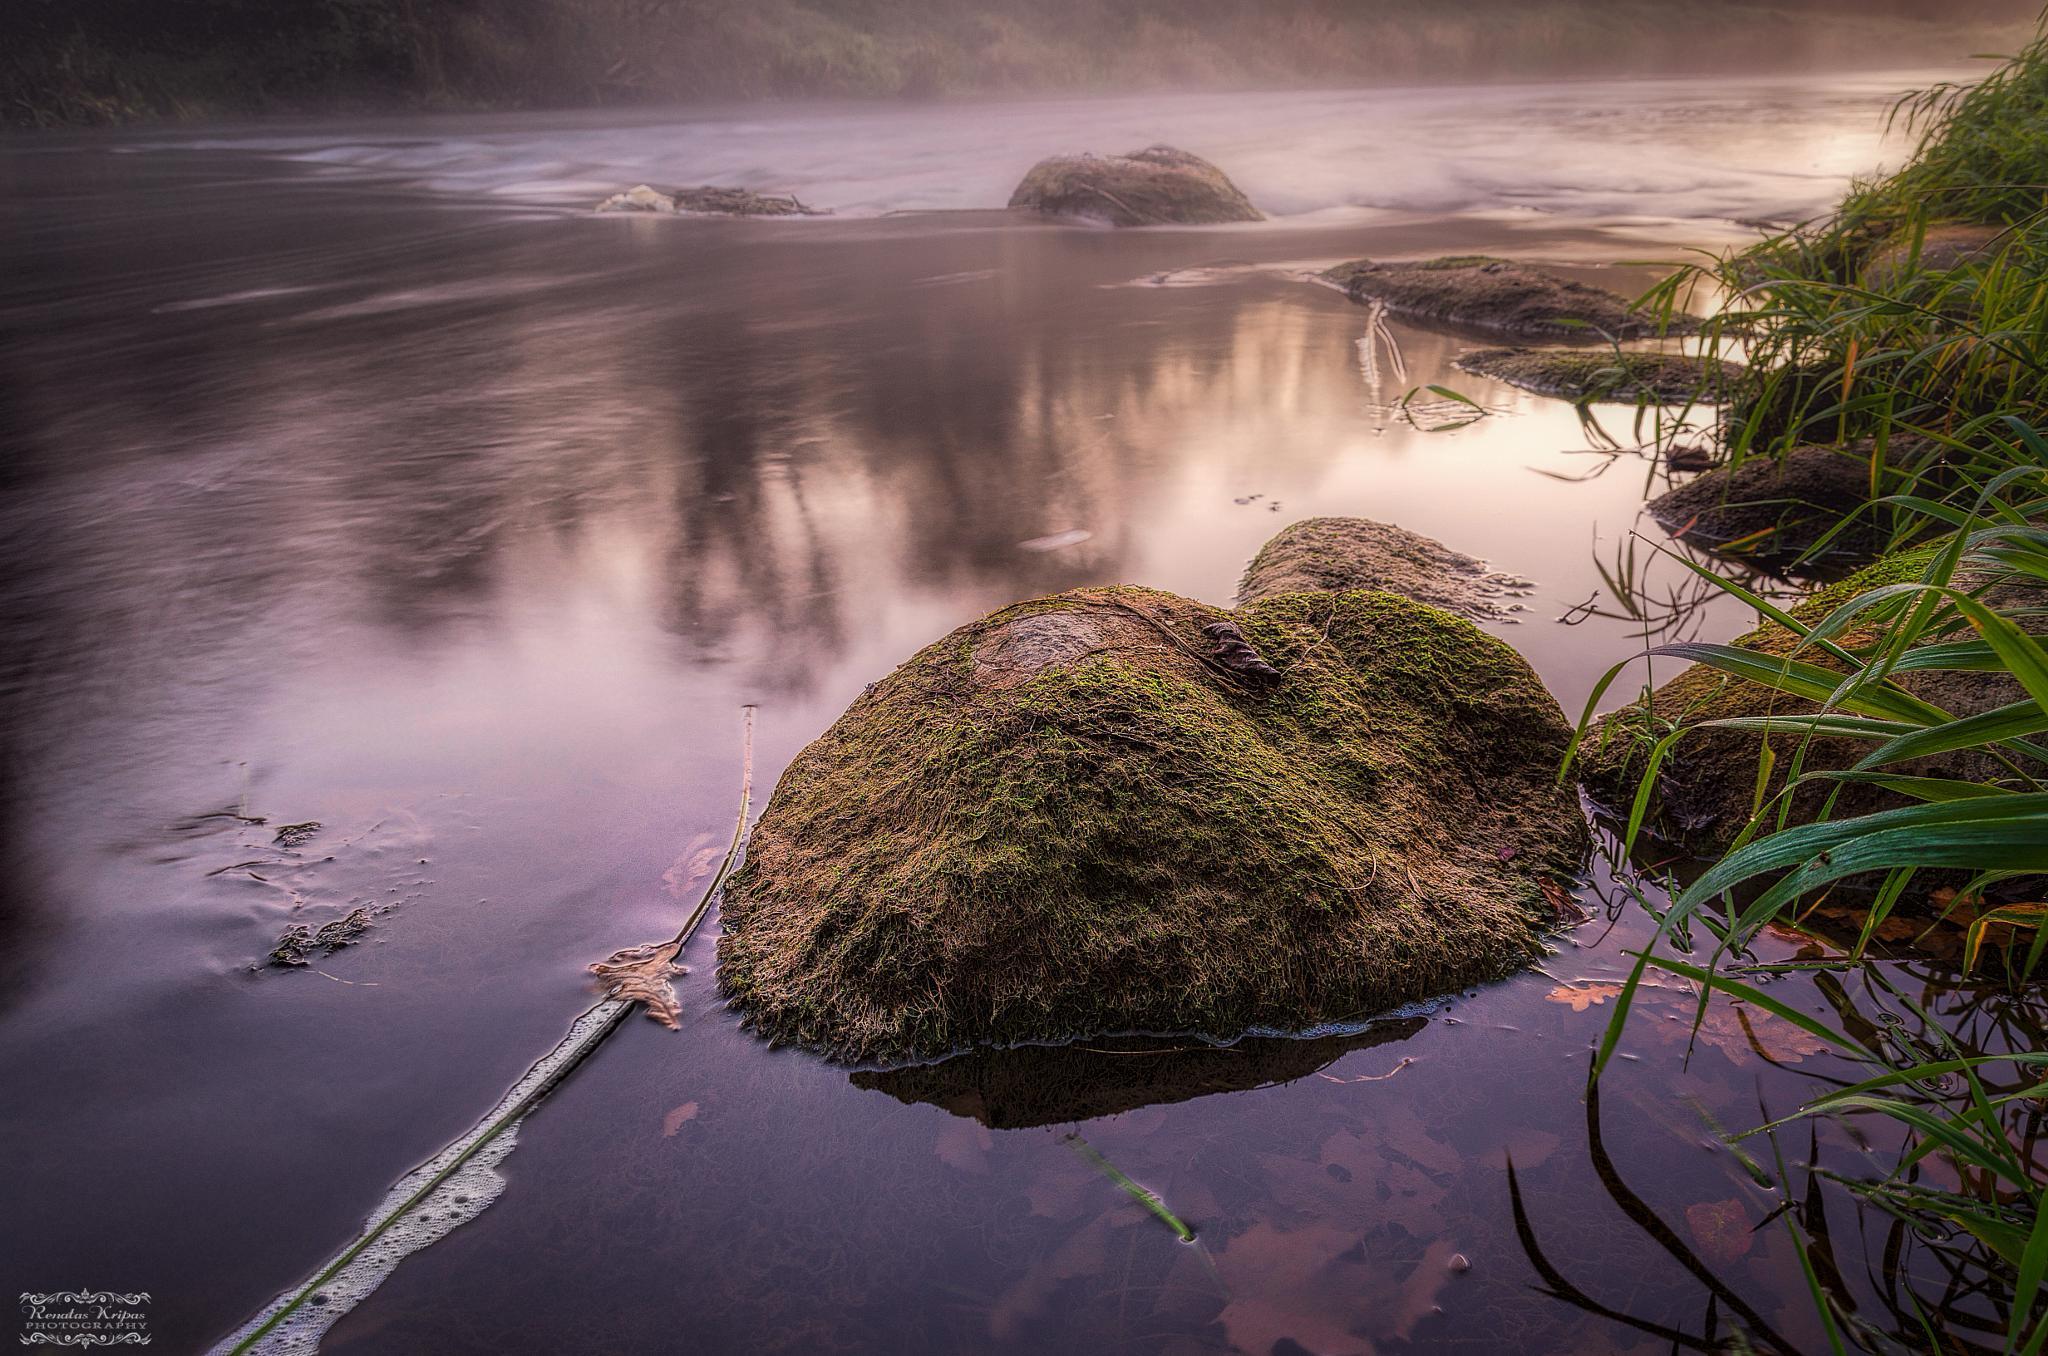 River by RenatasKripas